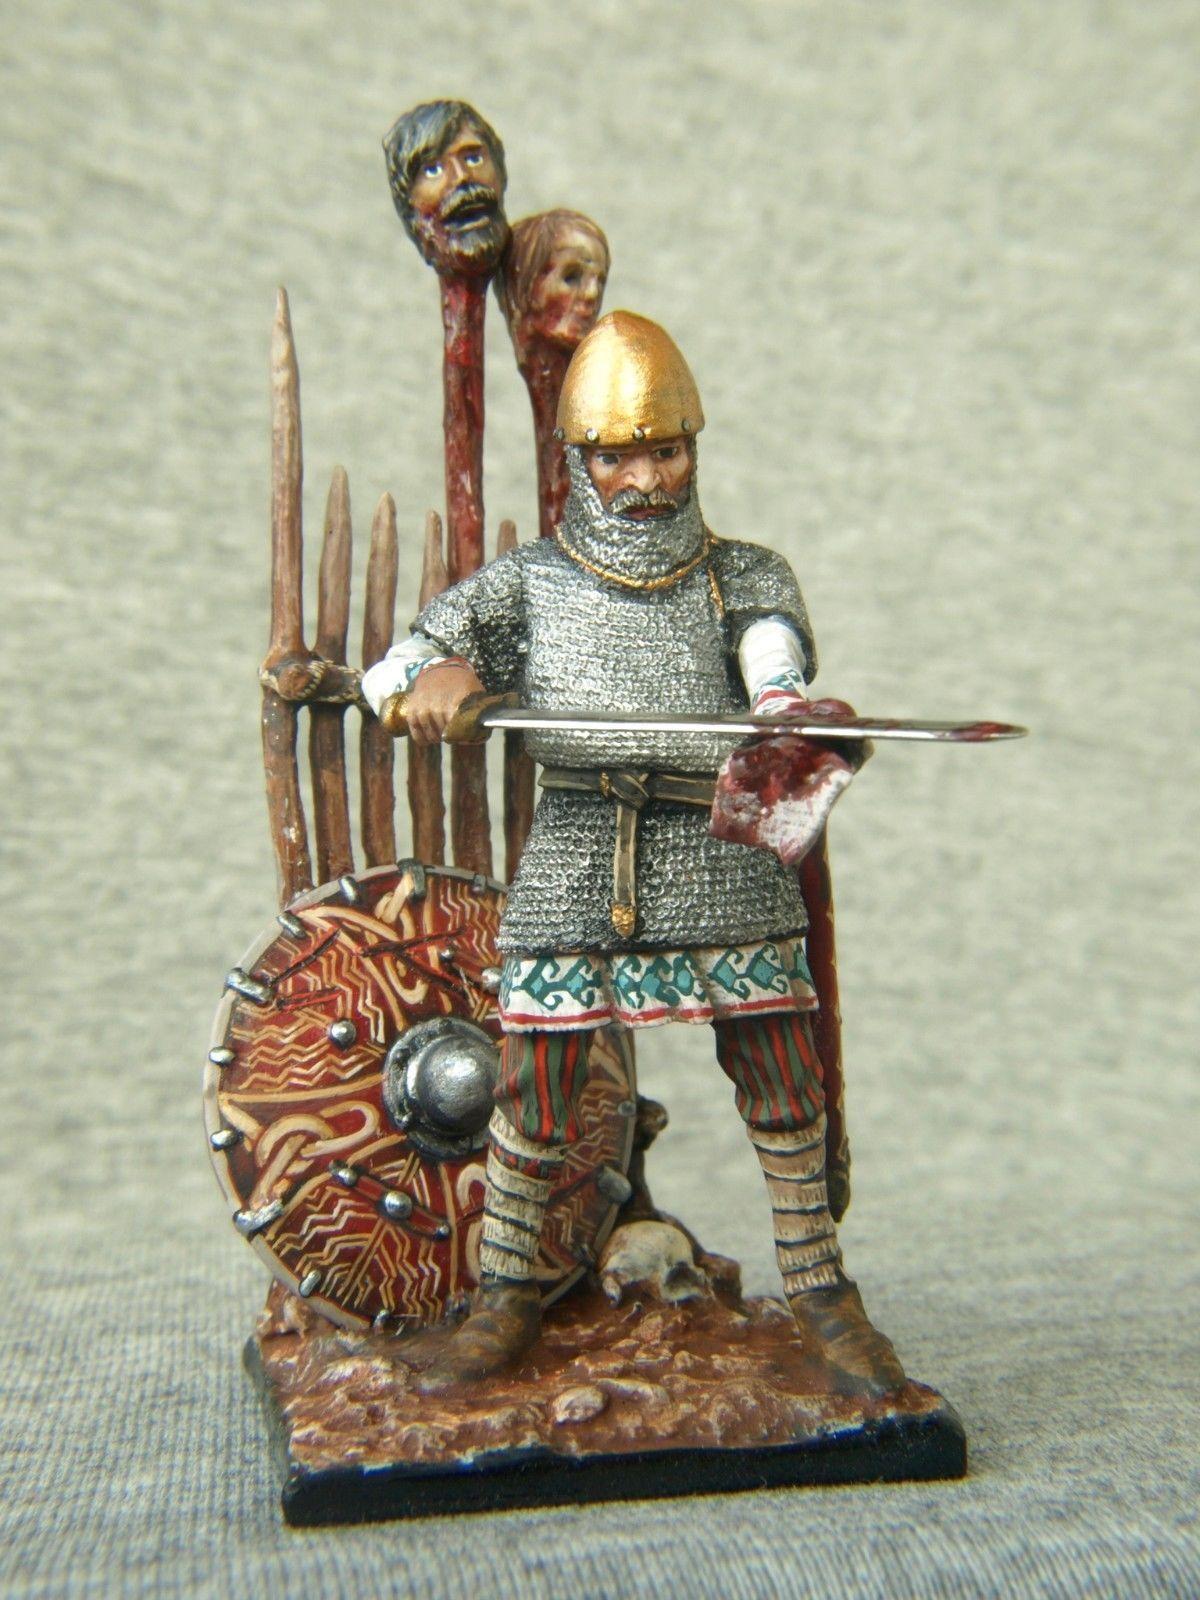 Exclusivo 54 mm. el Guerrero Toallitas su espada de la sangre. Shcherbakov-hqmodels